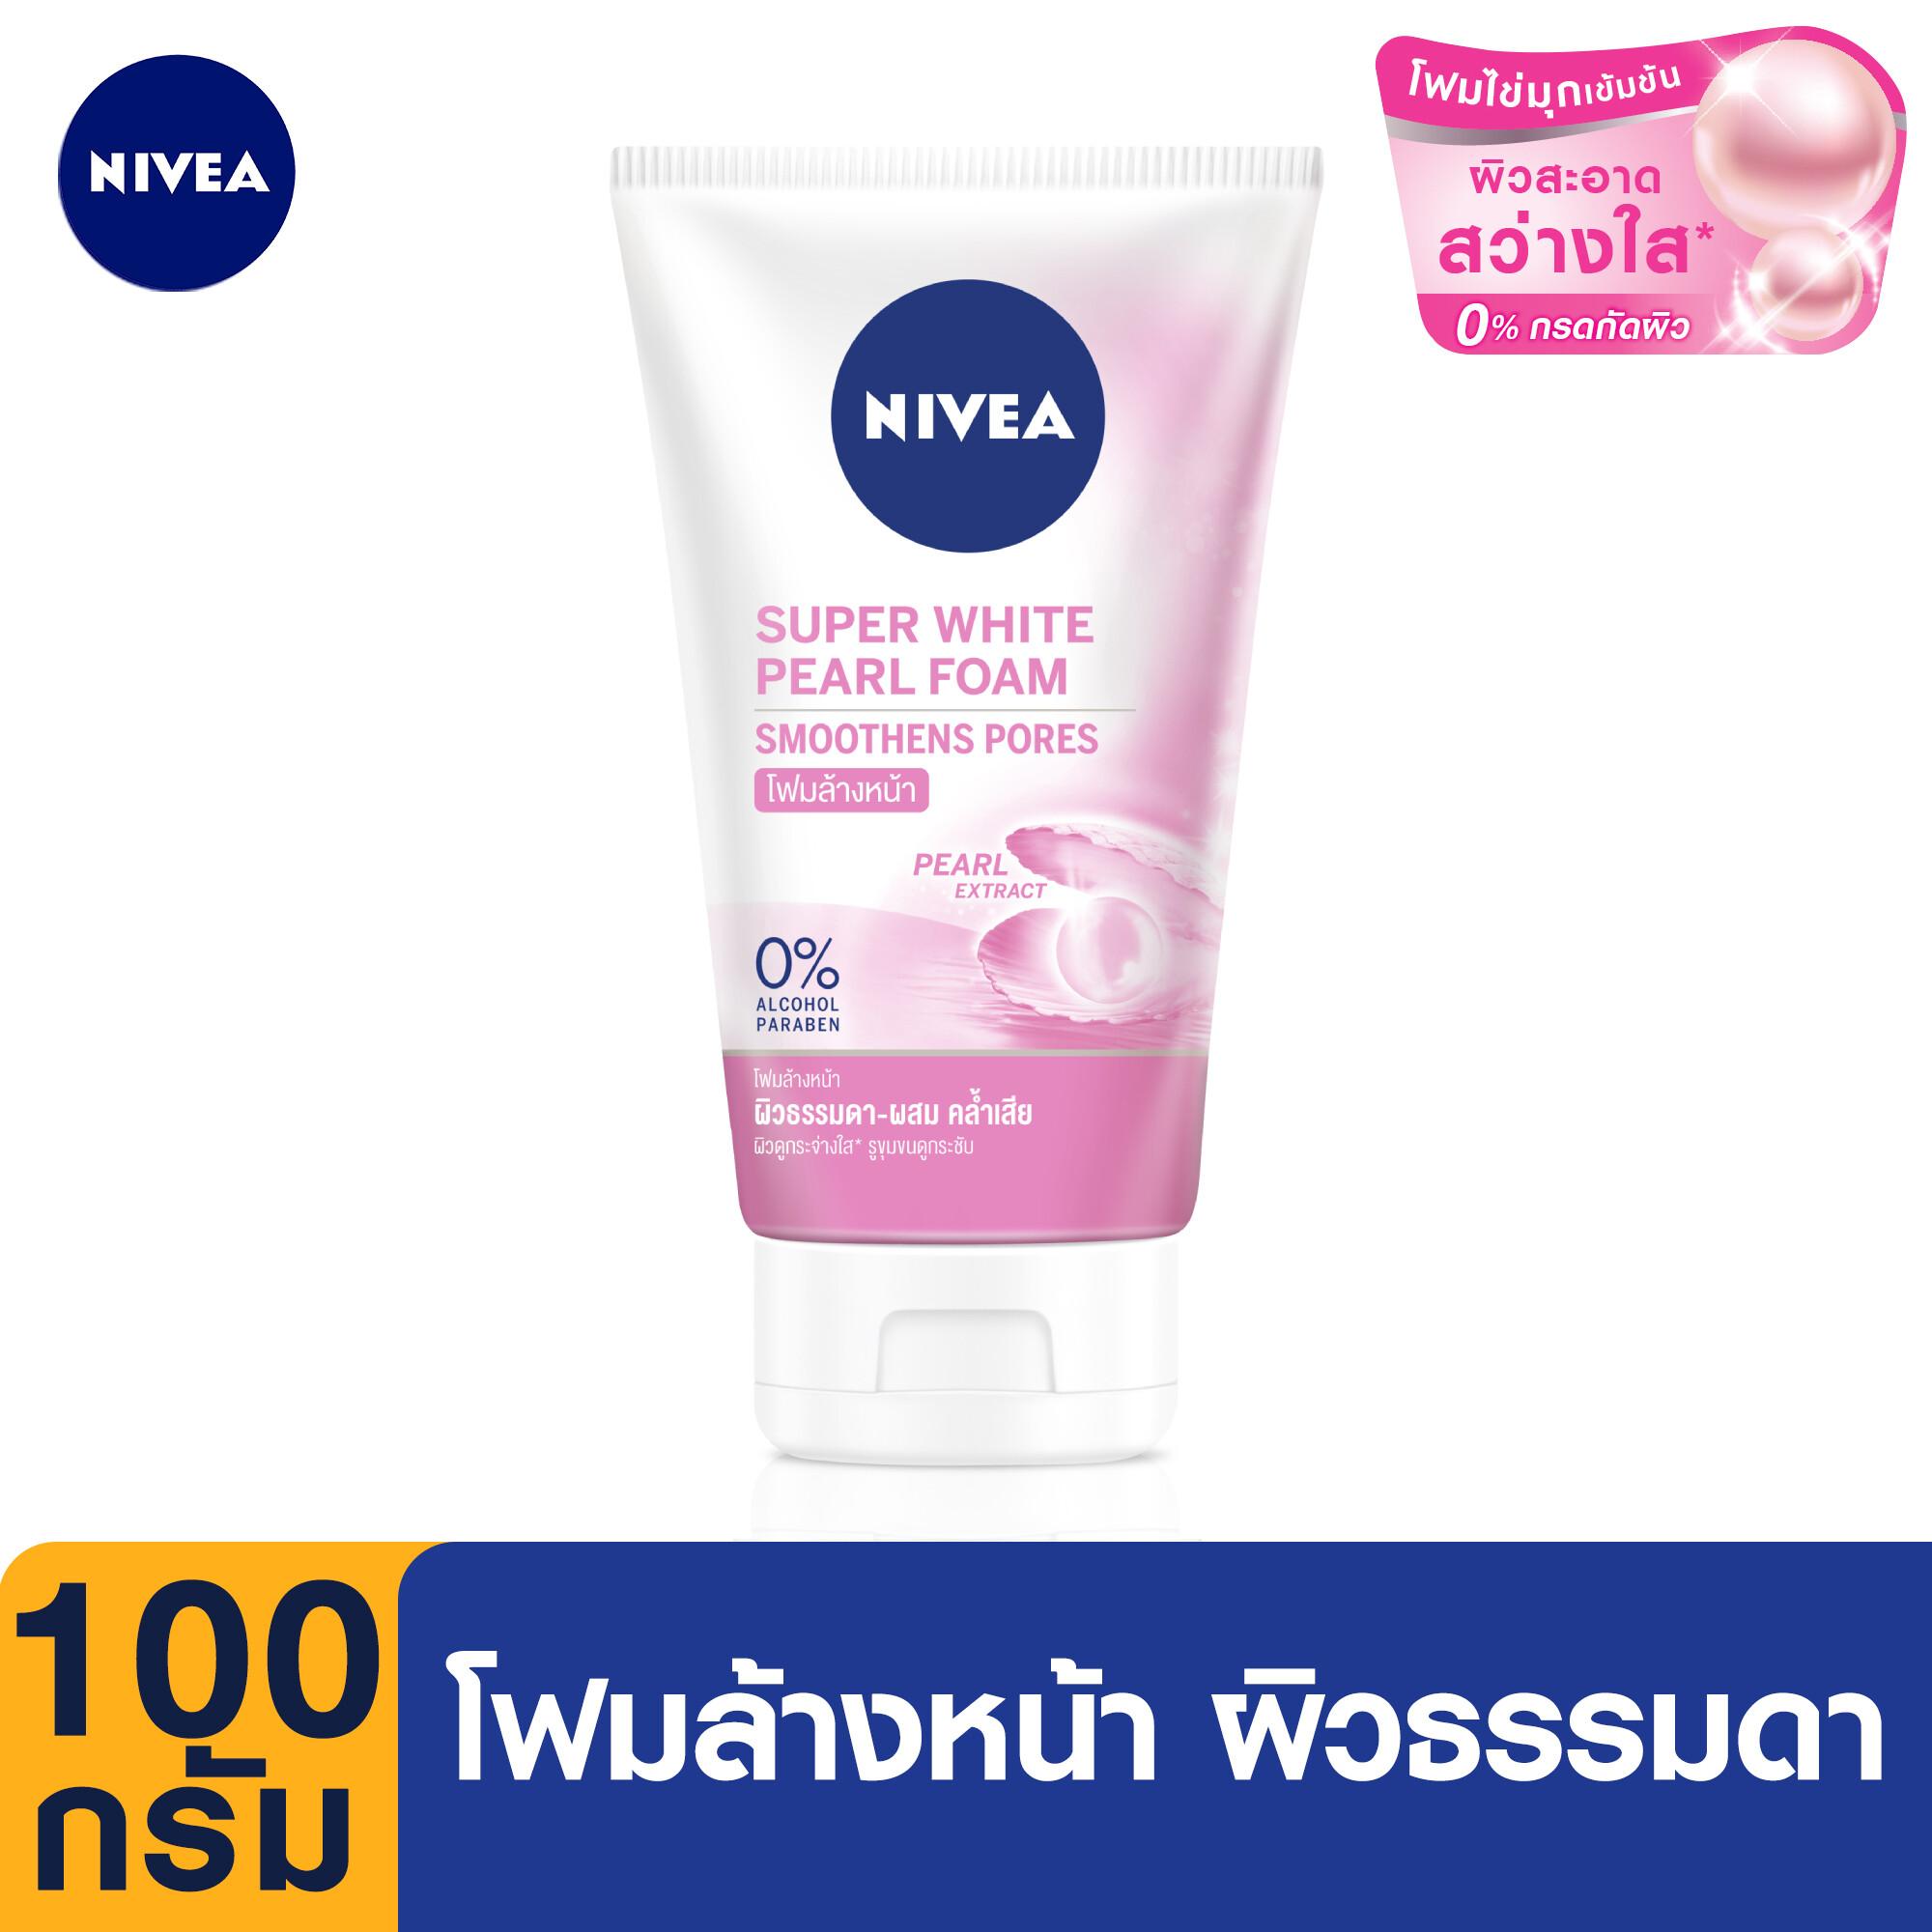 นีเวีย ไวท์ เพิร์ล โฟม 100 กรัม NIVEA White Pearl Foam 100 g. (โฟมล้างหน้า, วิปโฟม, ทำความสะอาดผิวหน้า, บำรุงผิวหน้า, ลดหน้ามัน, หน้าขาวใส, ลดสิว, ลดรอยสิว, สูตร หน้า ใส ไร้ สิว, ทำให้หน้าขาว)